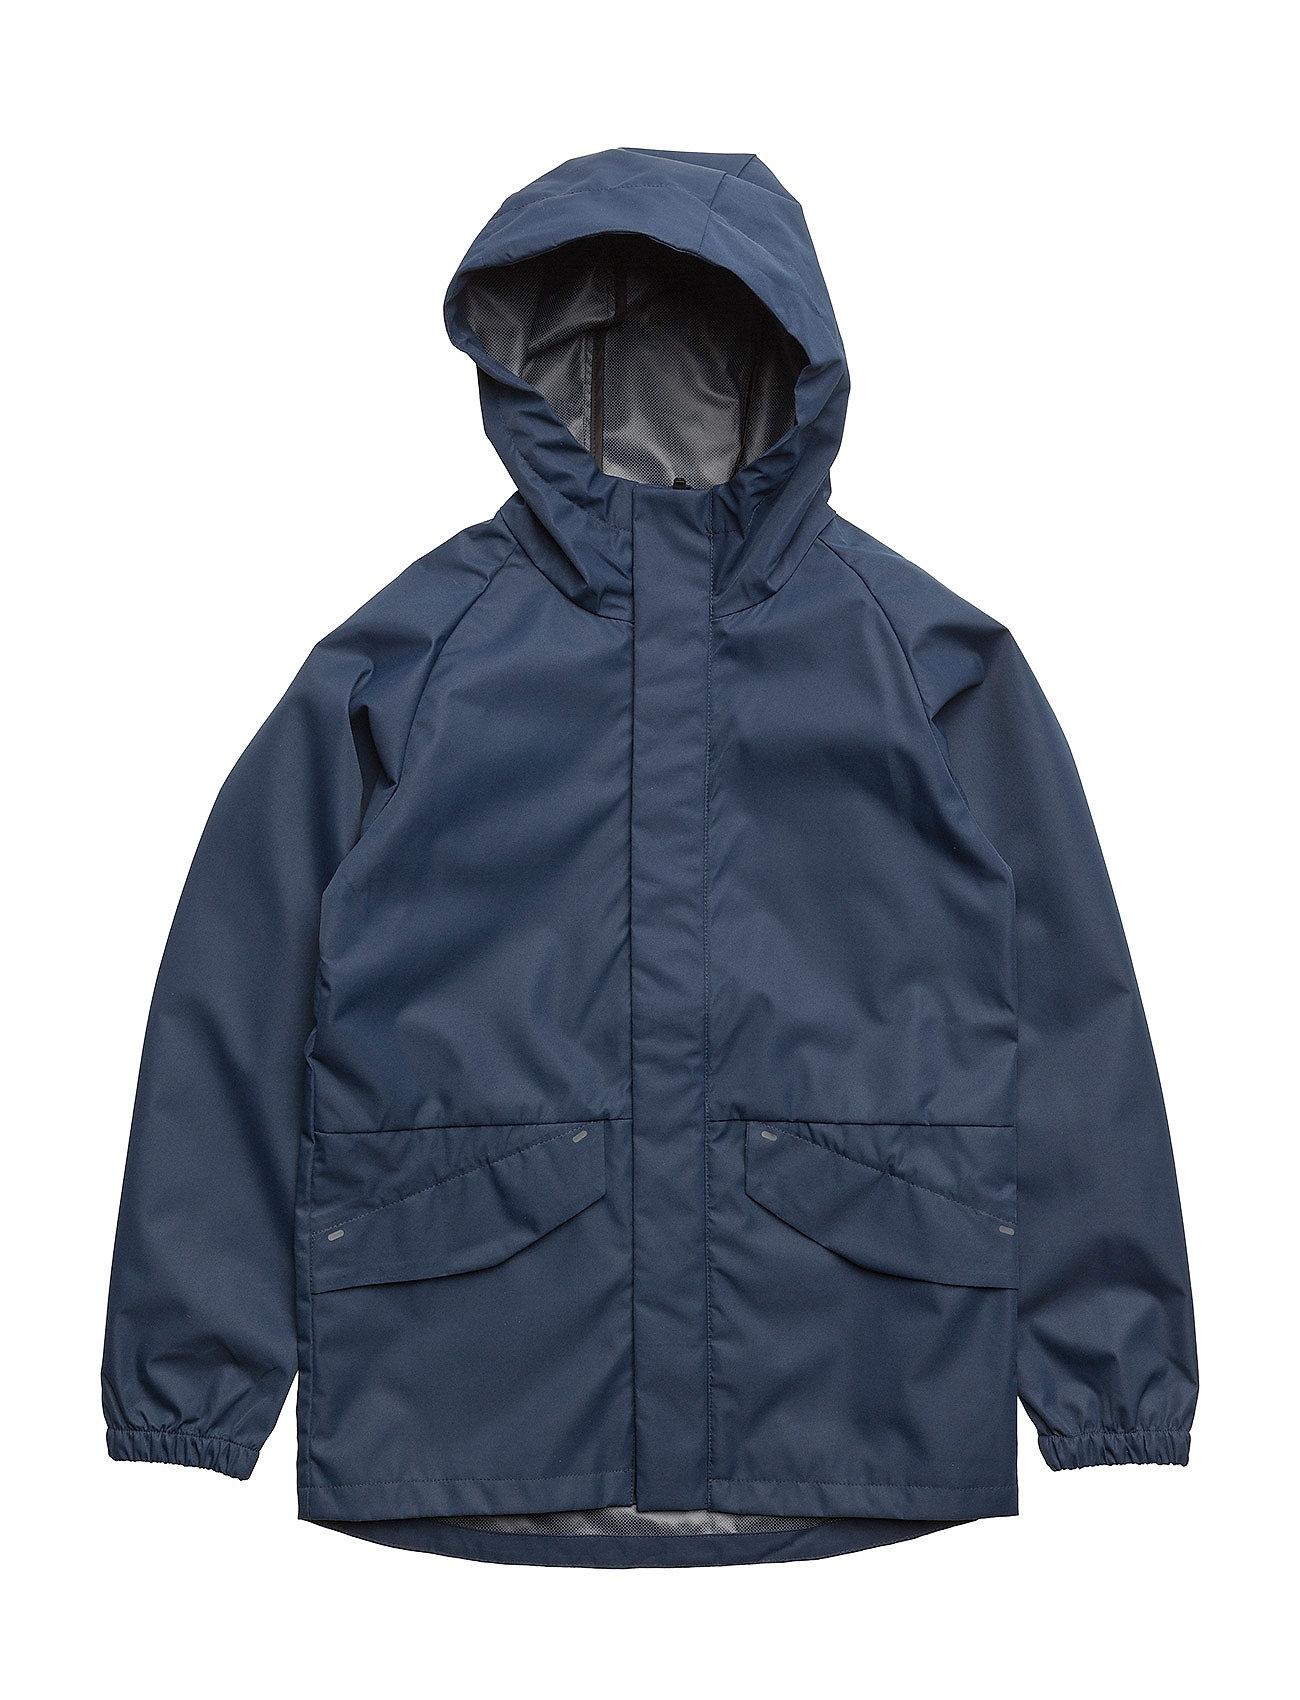 nkmmanon jacket dress blues 499 kr name it. Black Bedroom Furniture Sets. Home Design Ideas